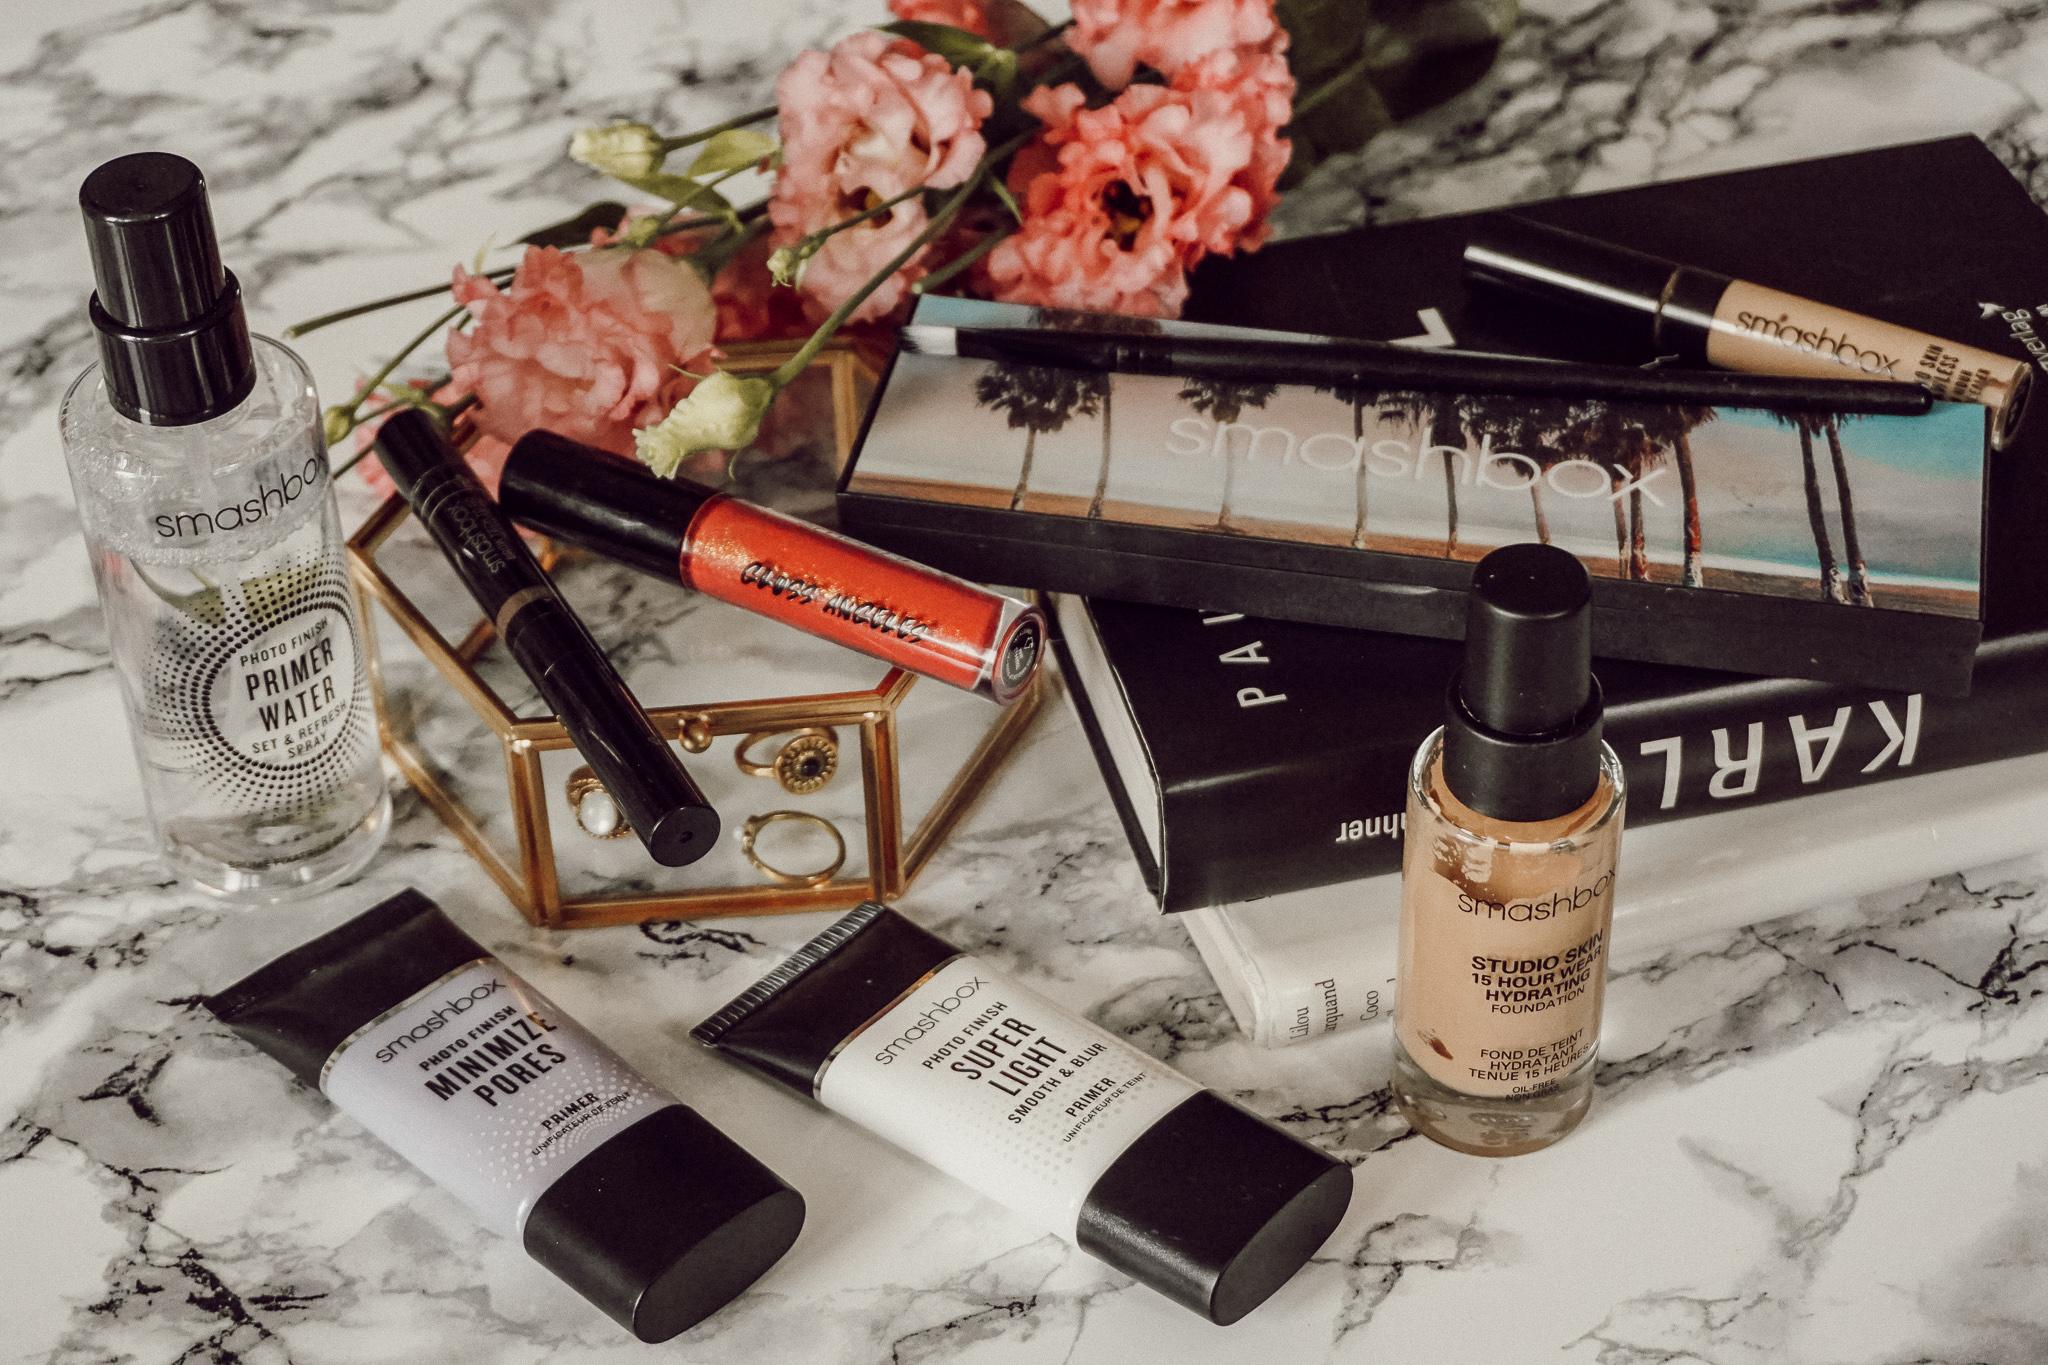 smashbox Make-up